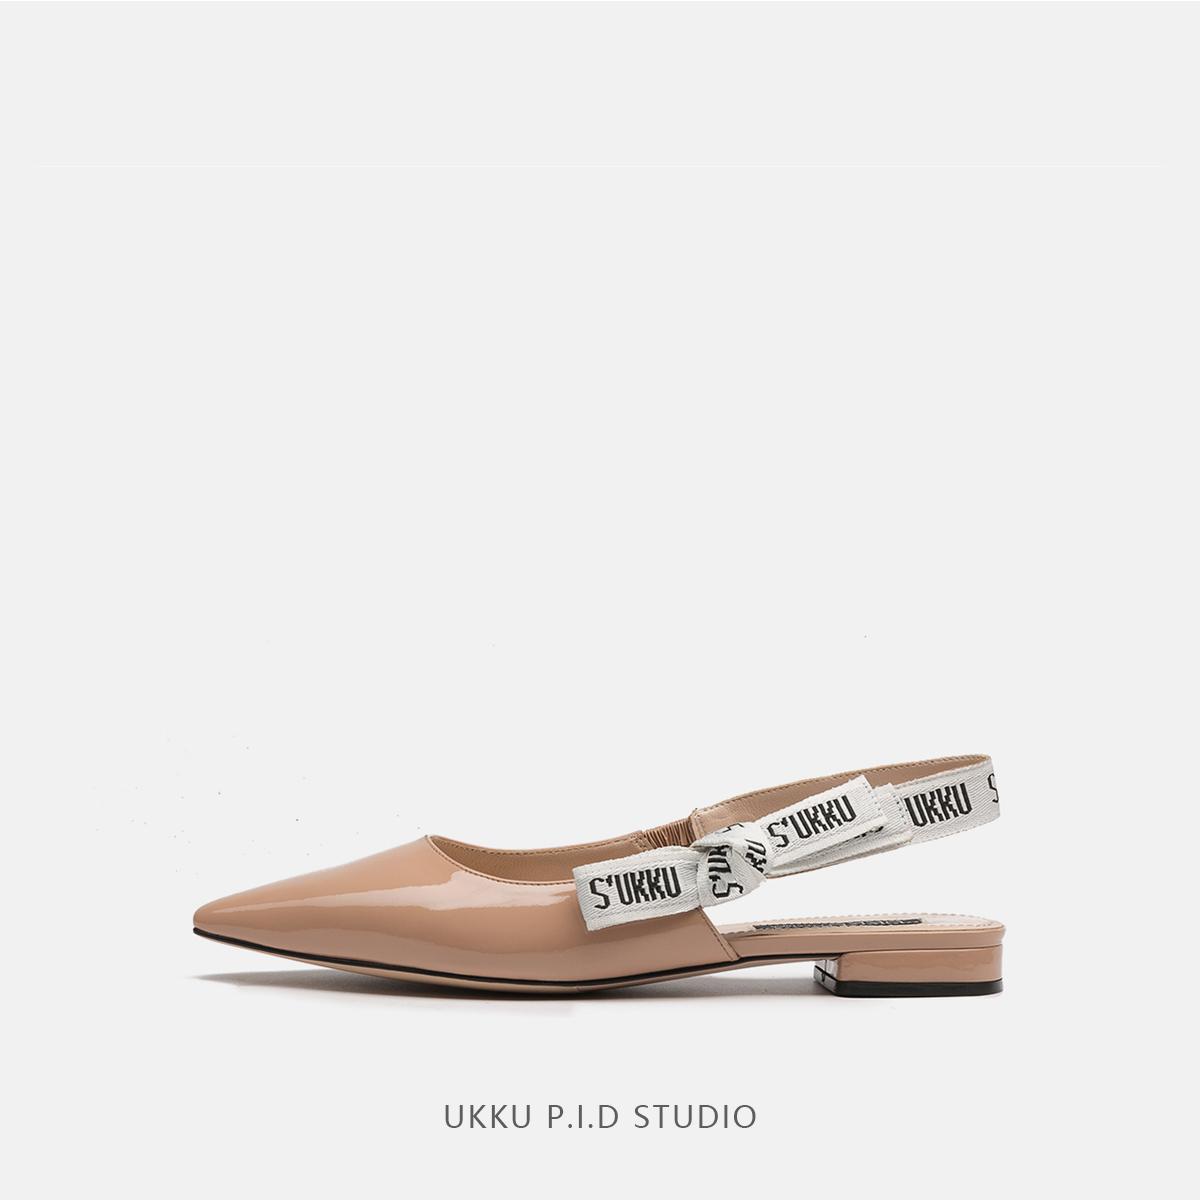 凉鞋 UKKU 2018夏季新款浅口百搭款舒适尖头漆皮平底平跟女凉鞋补货_推荐淘宝好看的女凉鞋